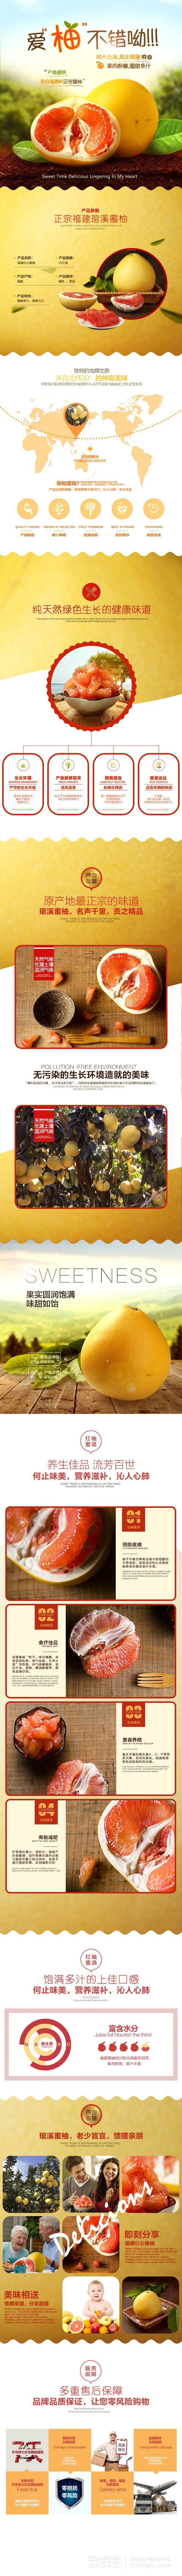 福建红心蜜柚产品详情页展示